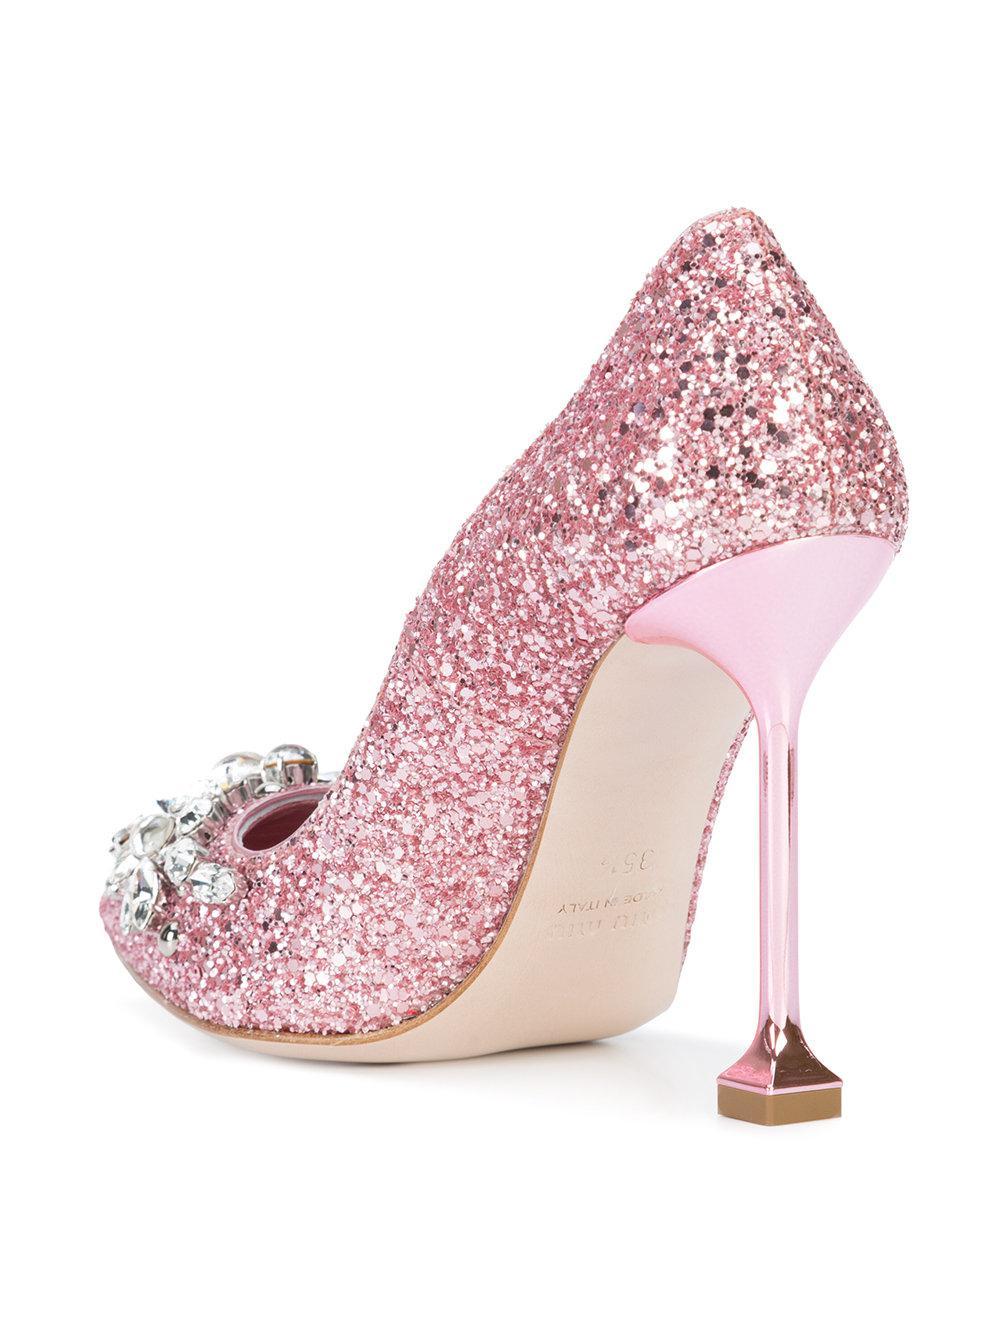 Glitter Embellished Pumps - IT39 / Pink Miu Miu 8kokxa3I